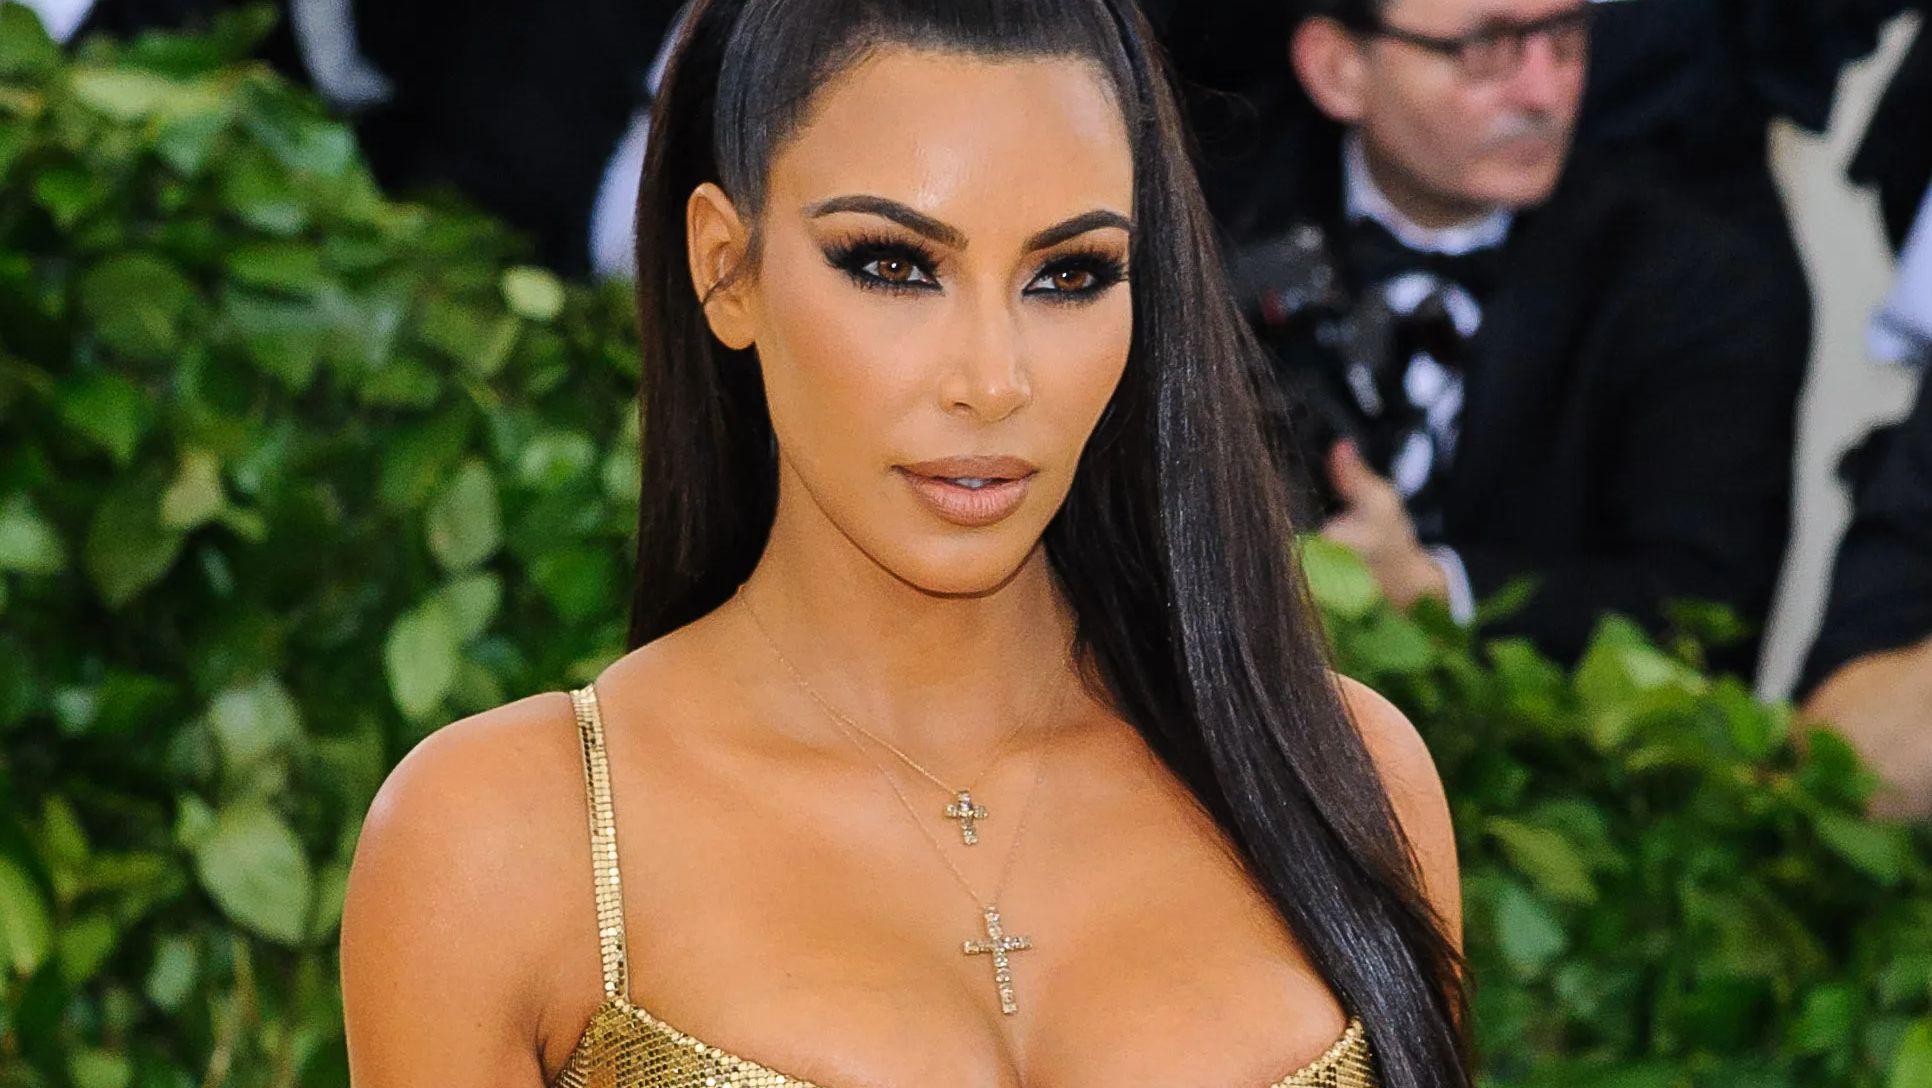 Kim Kardashian at the MET Gala 2019